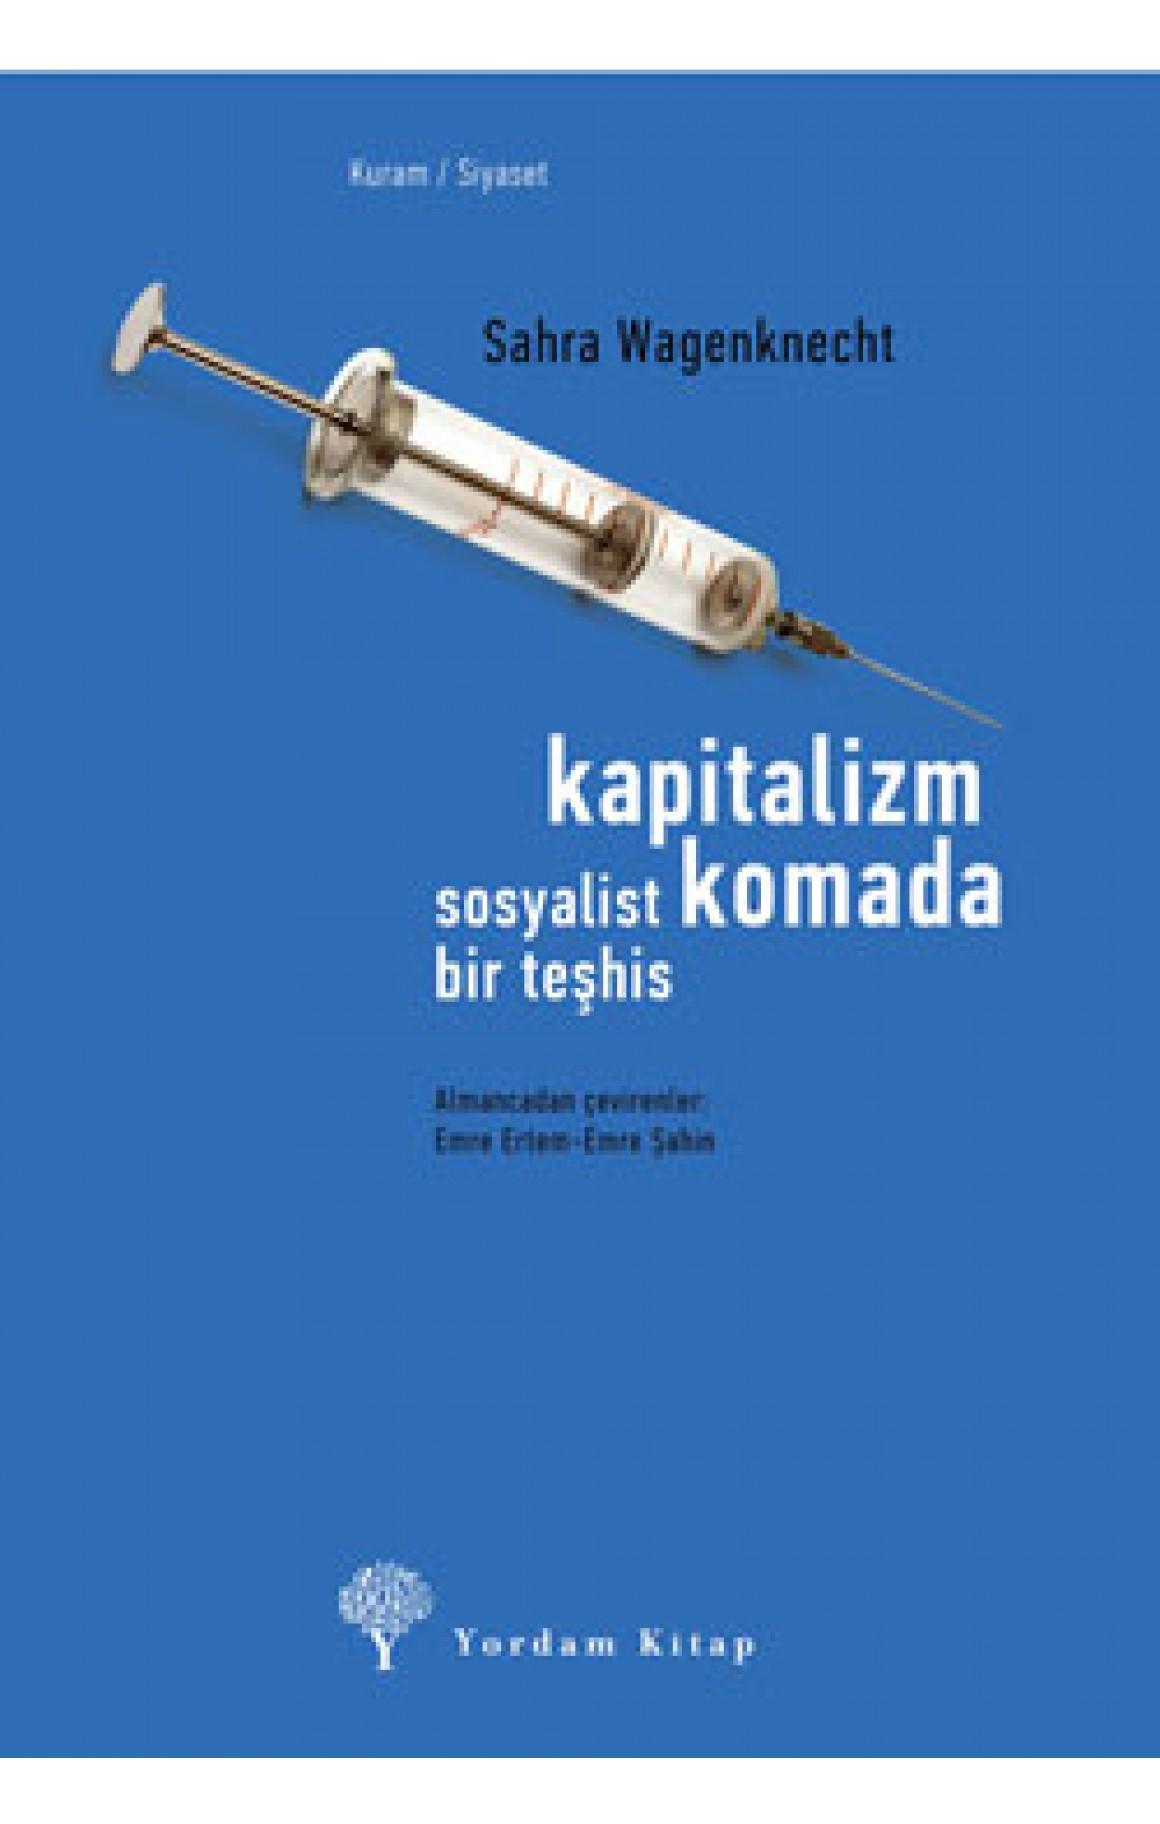 Kapitalizm Komada - Sosyalist Bir Teşhis